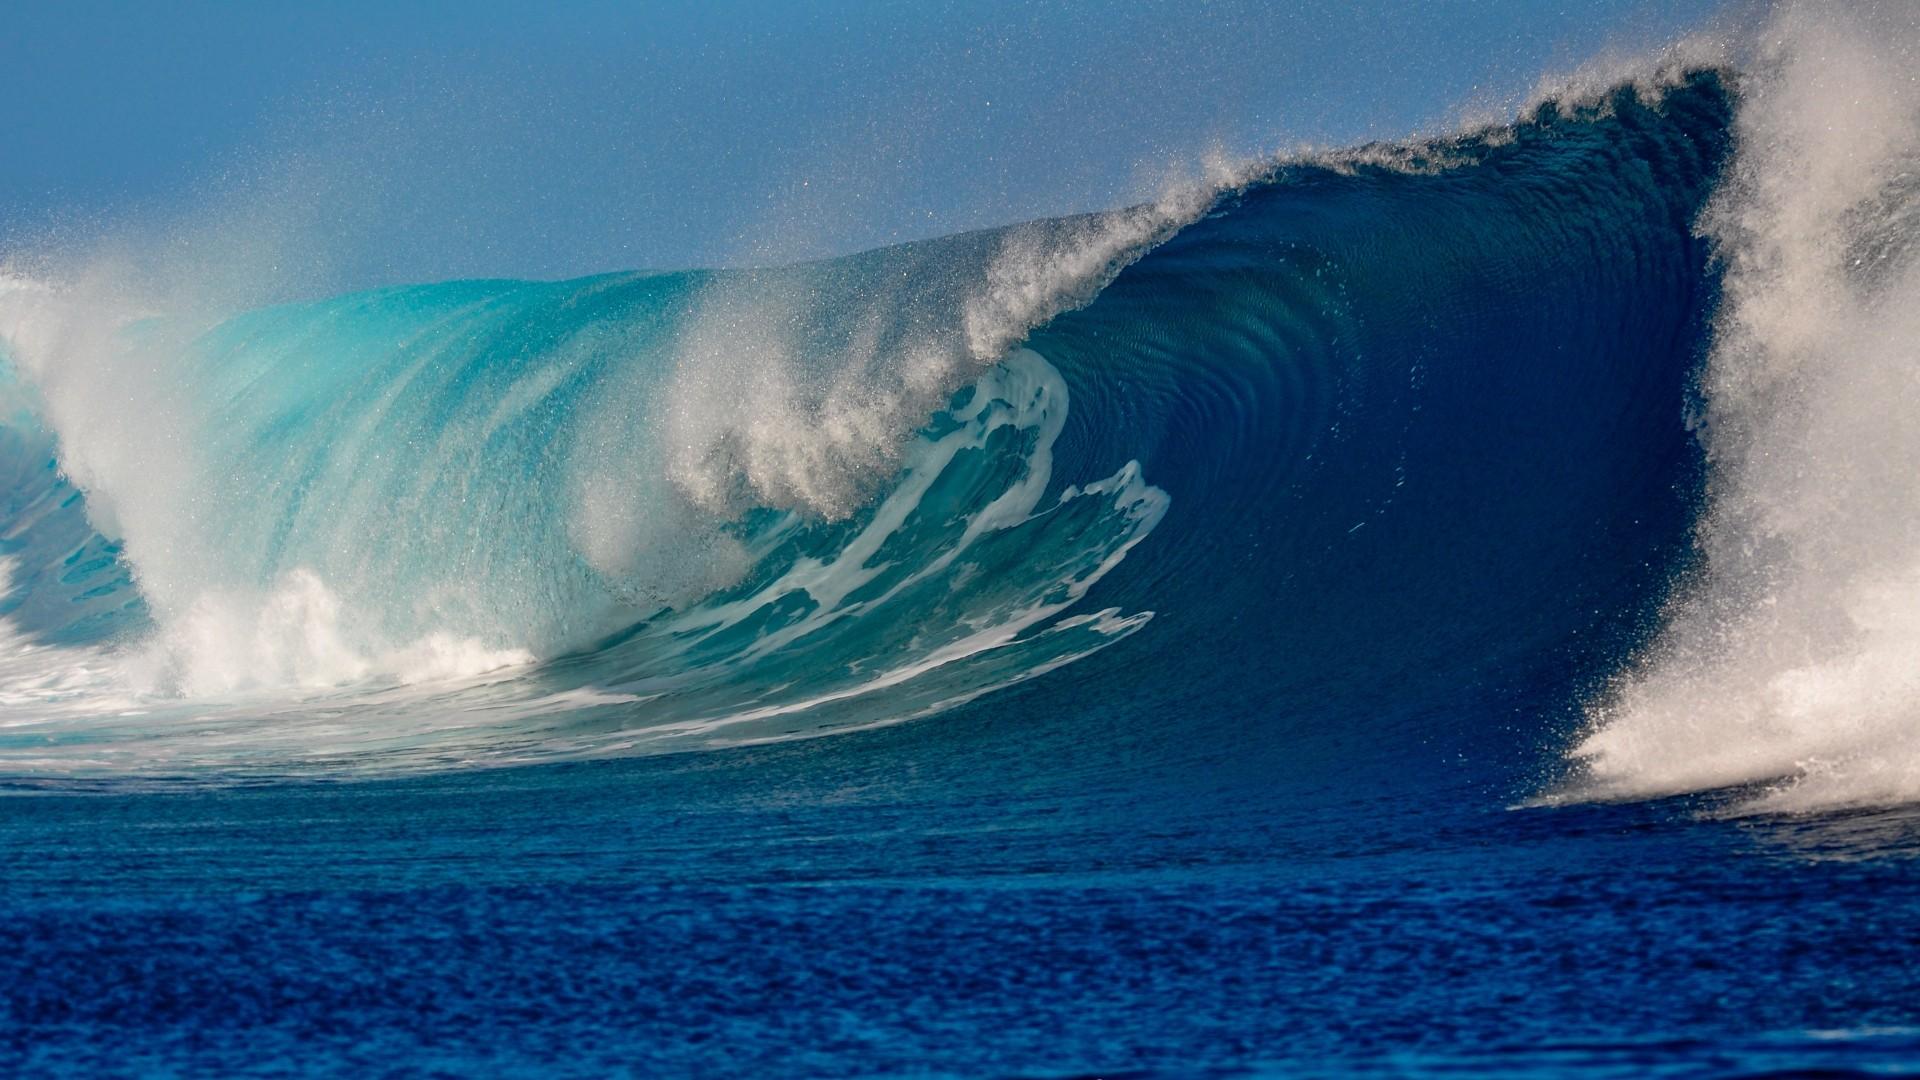 デスクトップ壁紙 風景 自然 サーフィン 海洋 地質学的現象 風